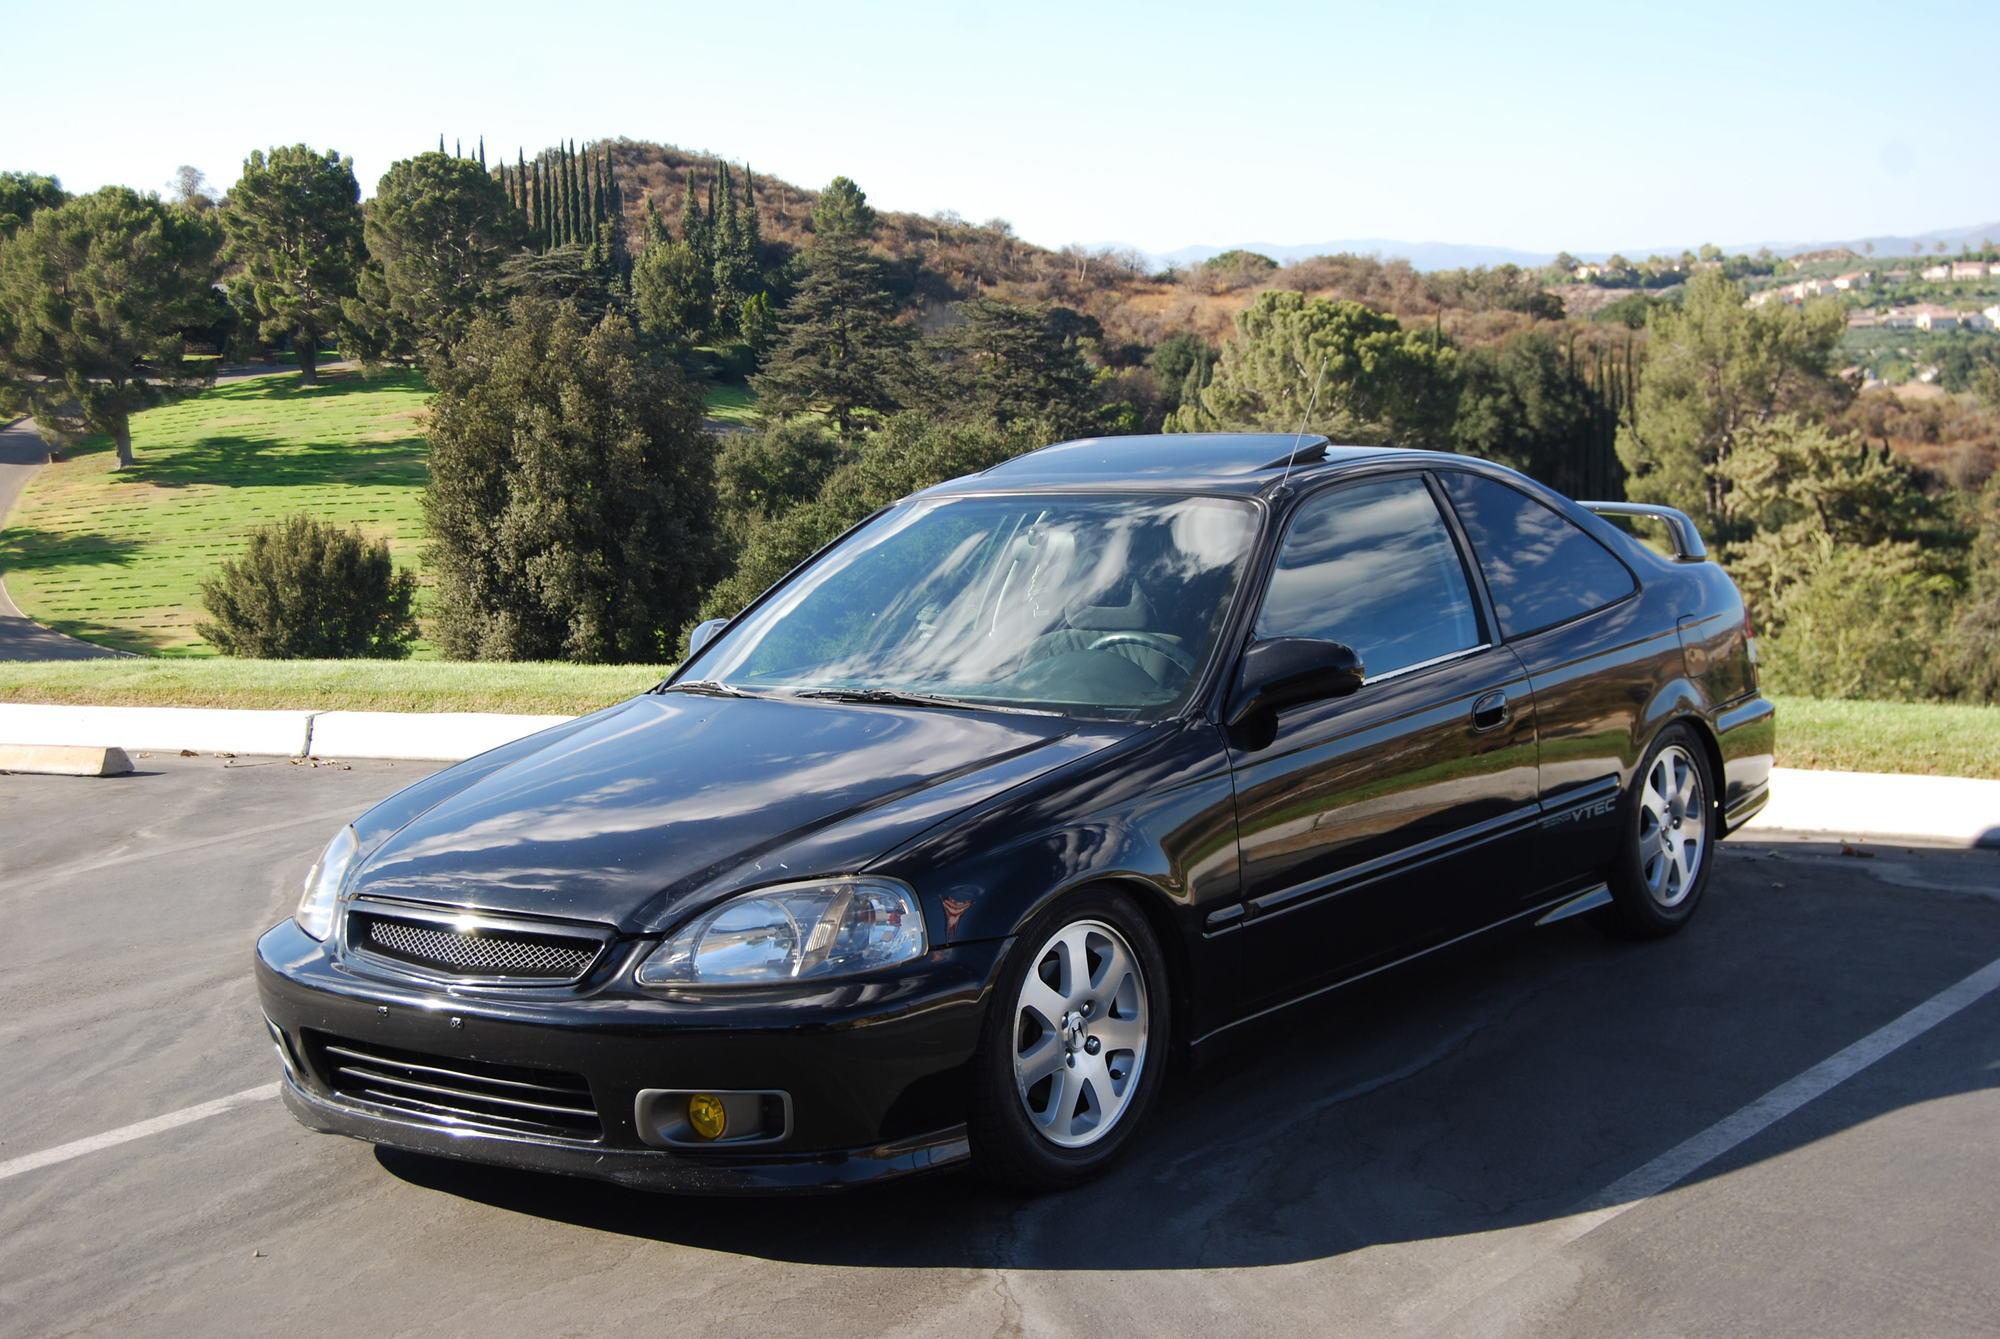 2000 Civic Si, Flamenco Black Pearl. Clean title!